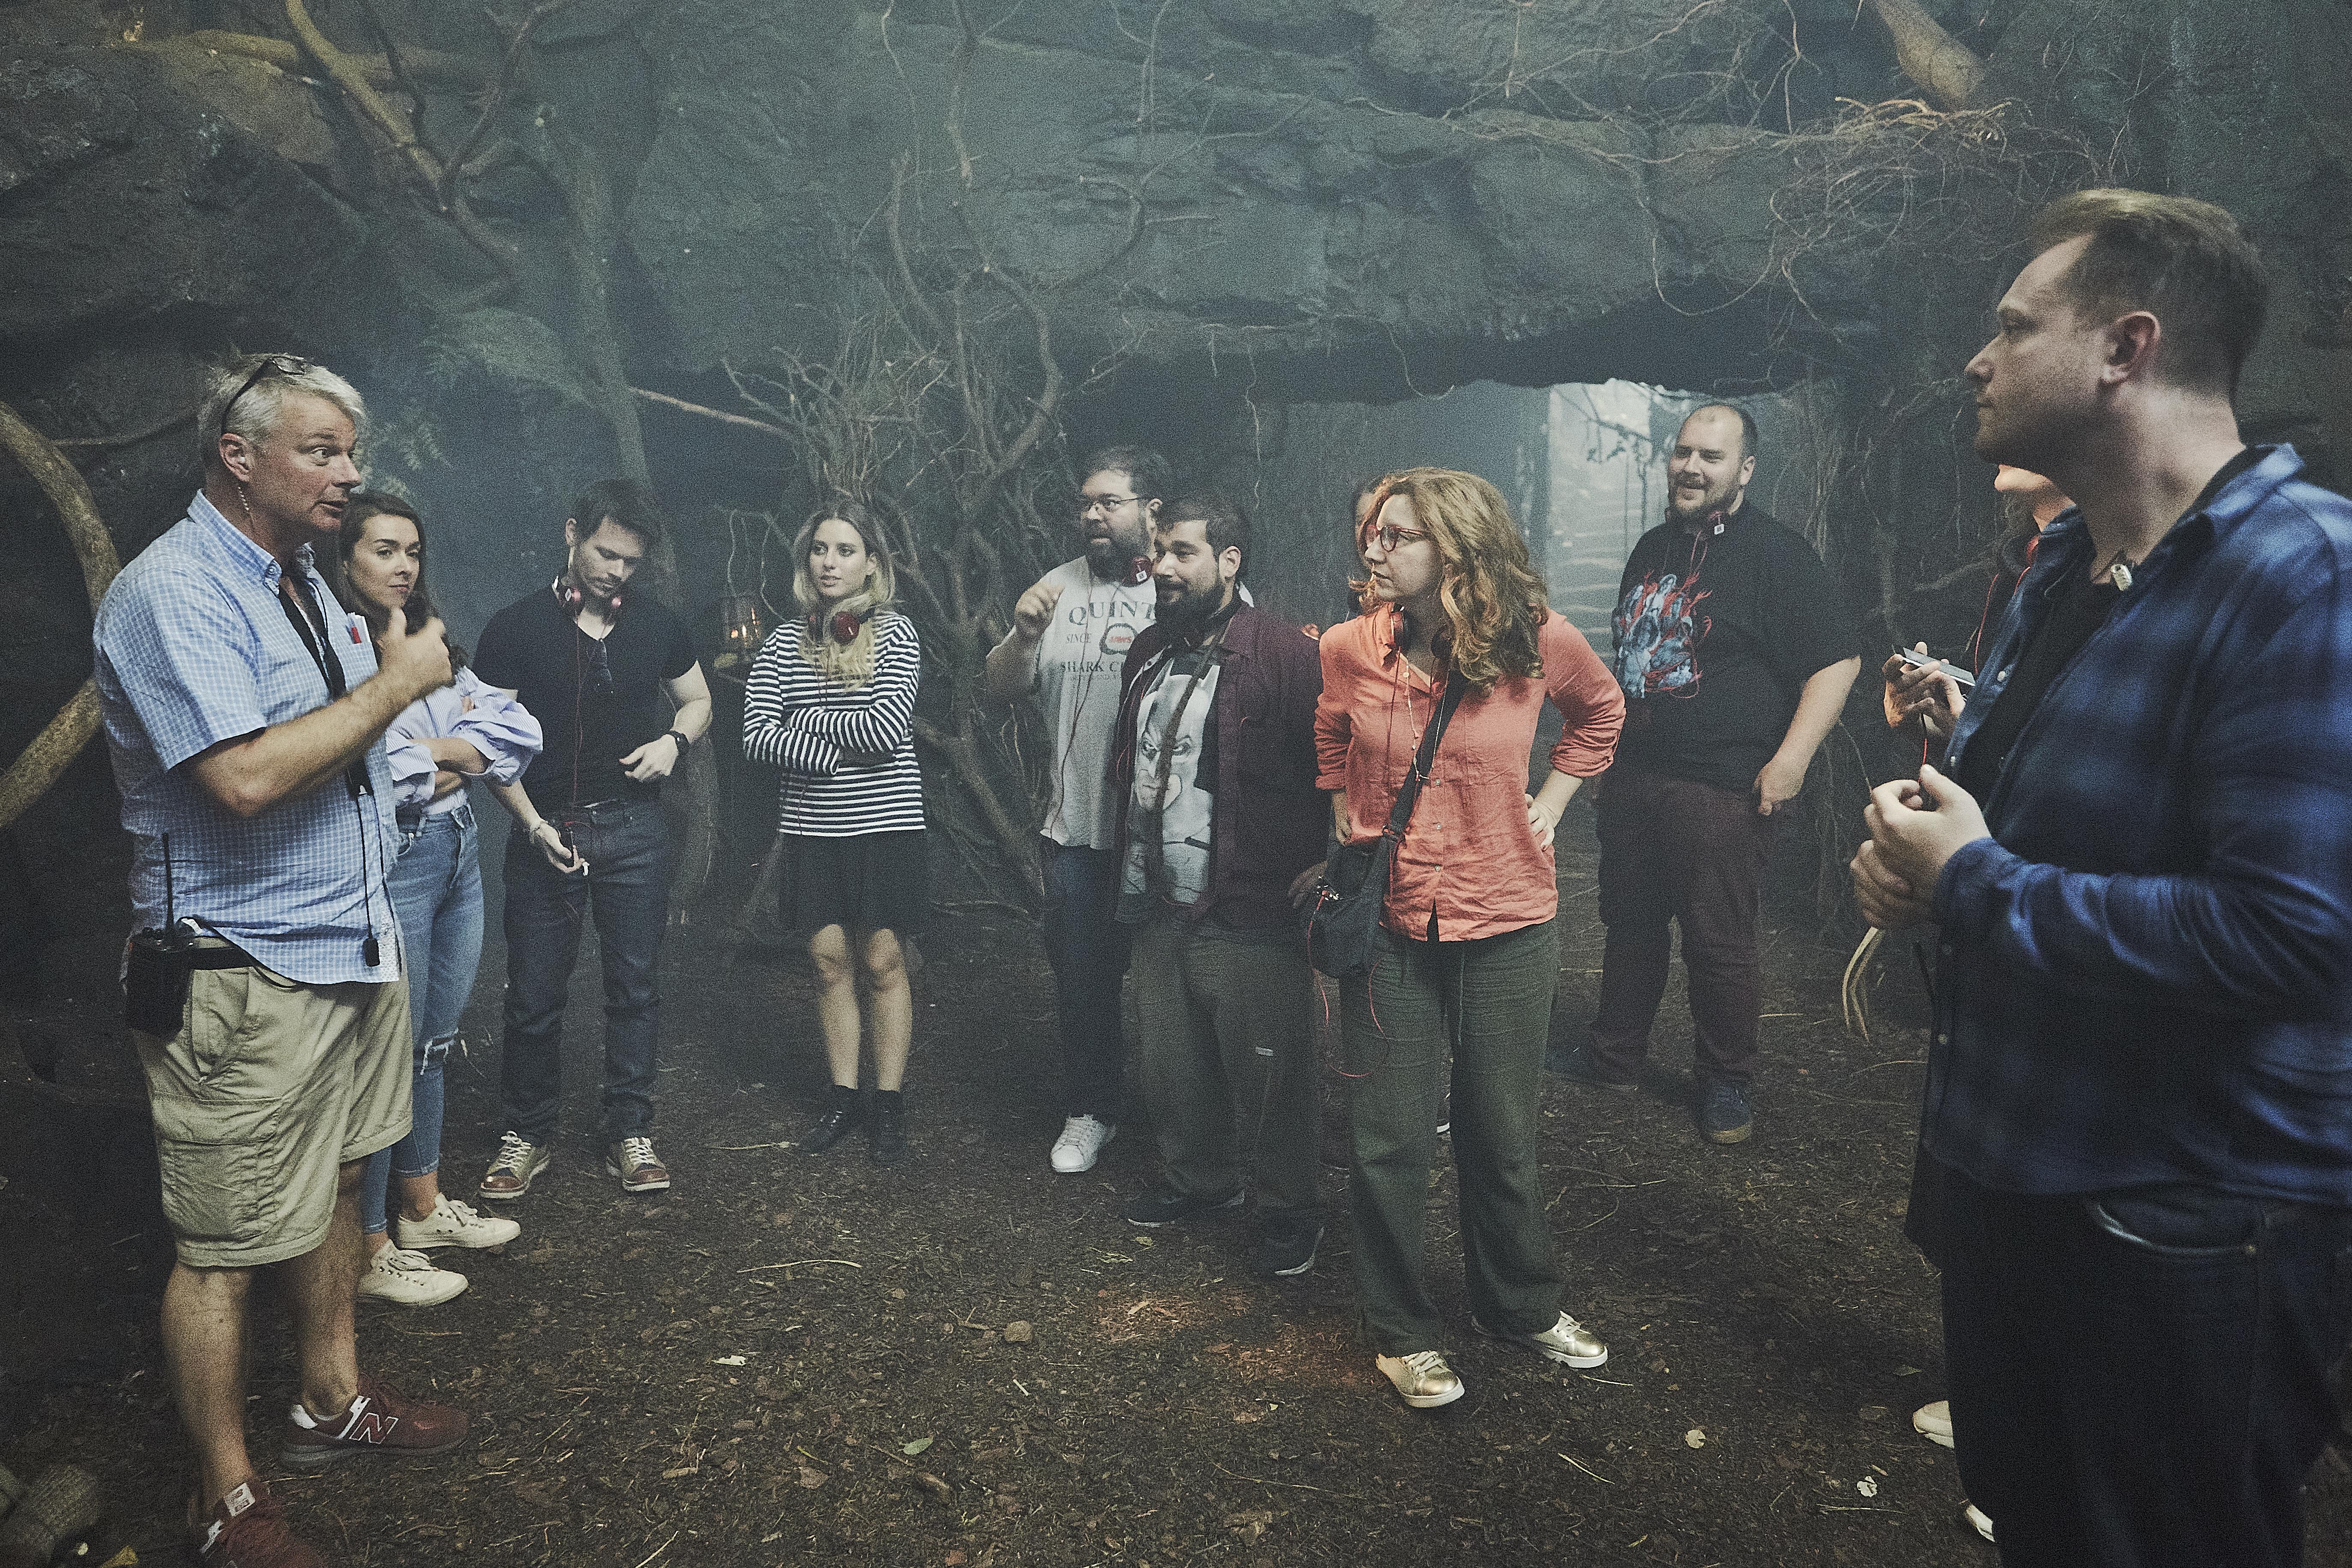 Foto van interview tijdens setbezoek Netflix serie Cursed